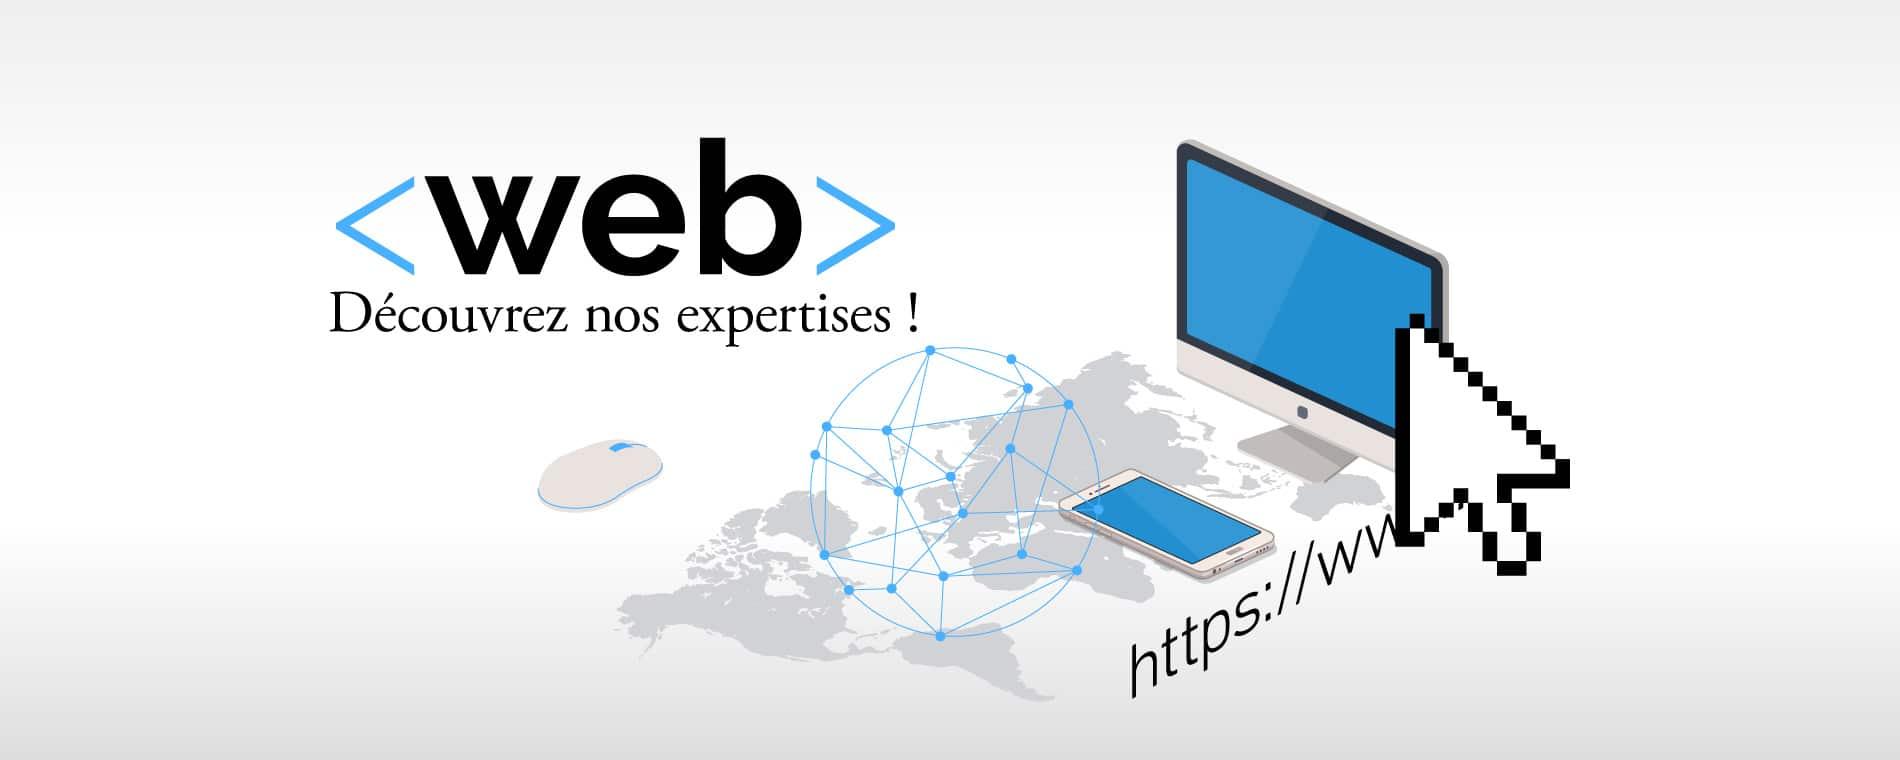 Web - Découvrez nos expertises